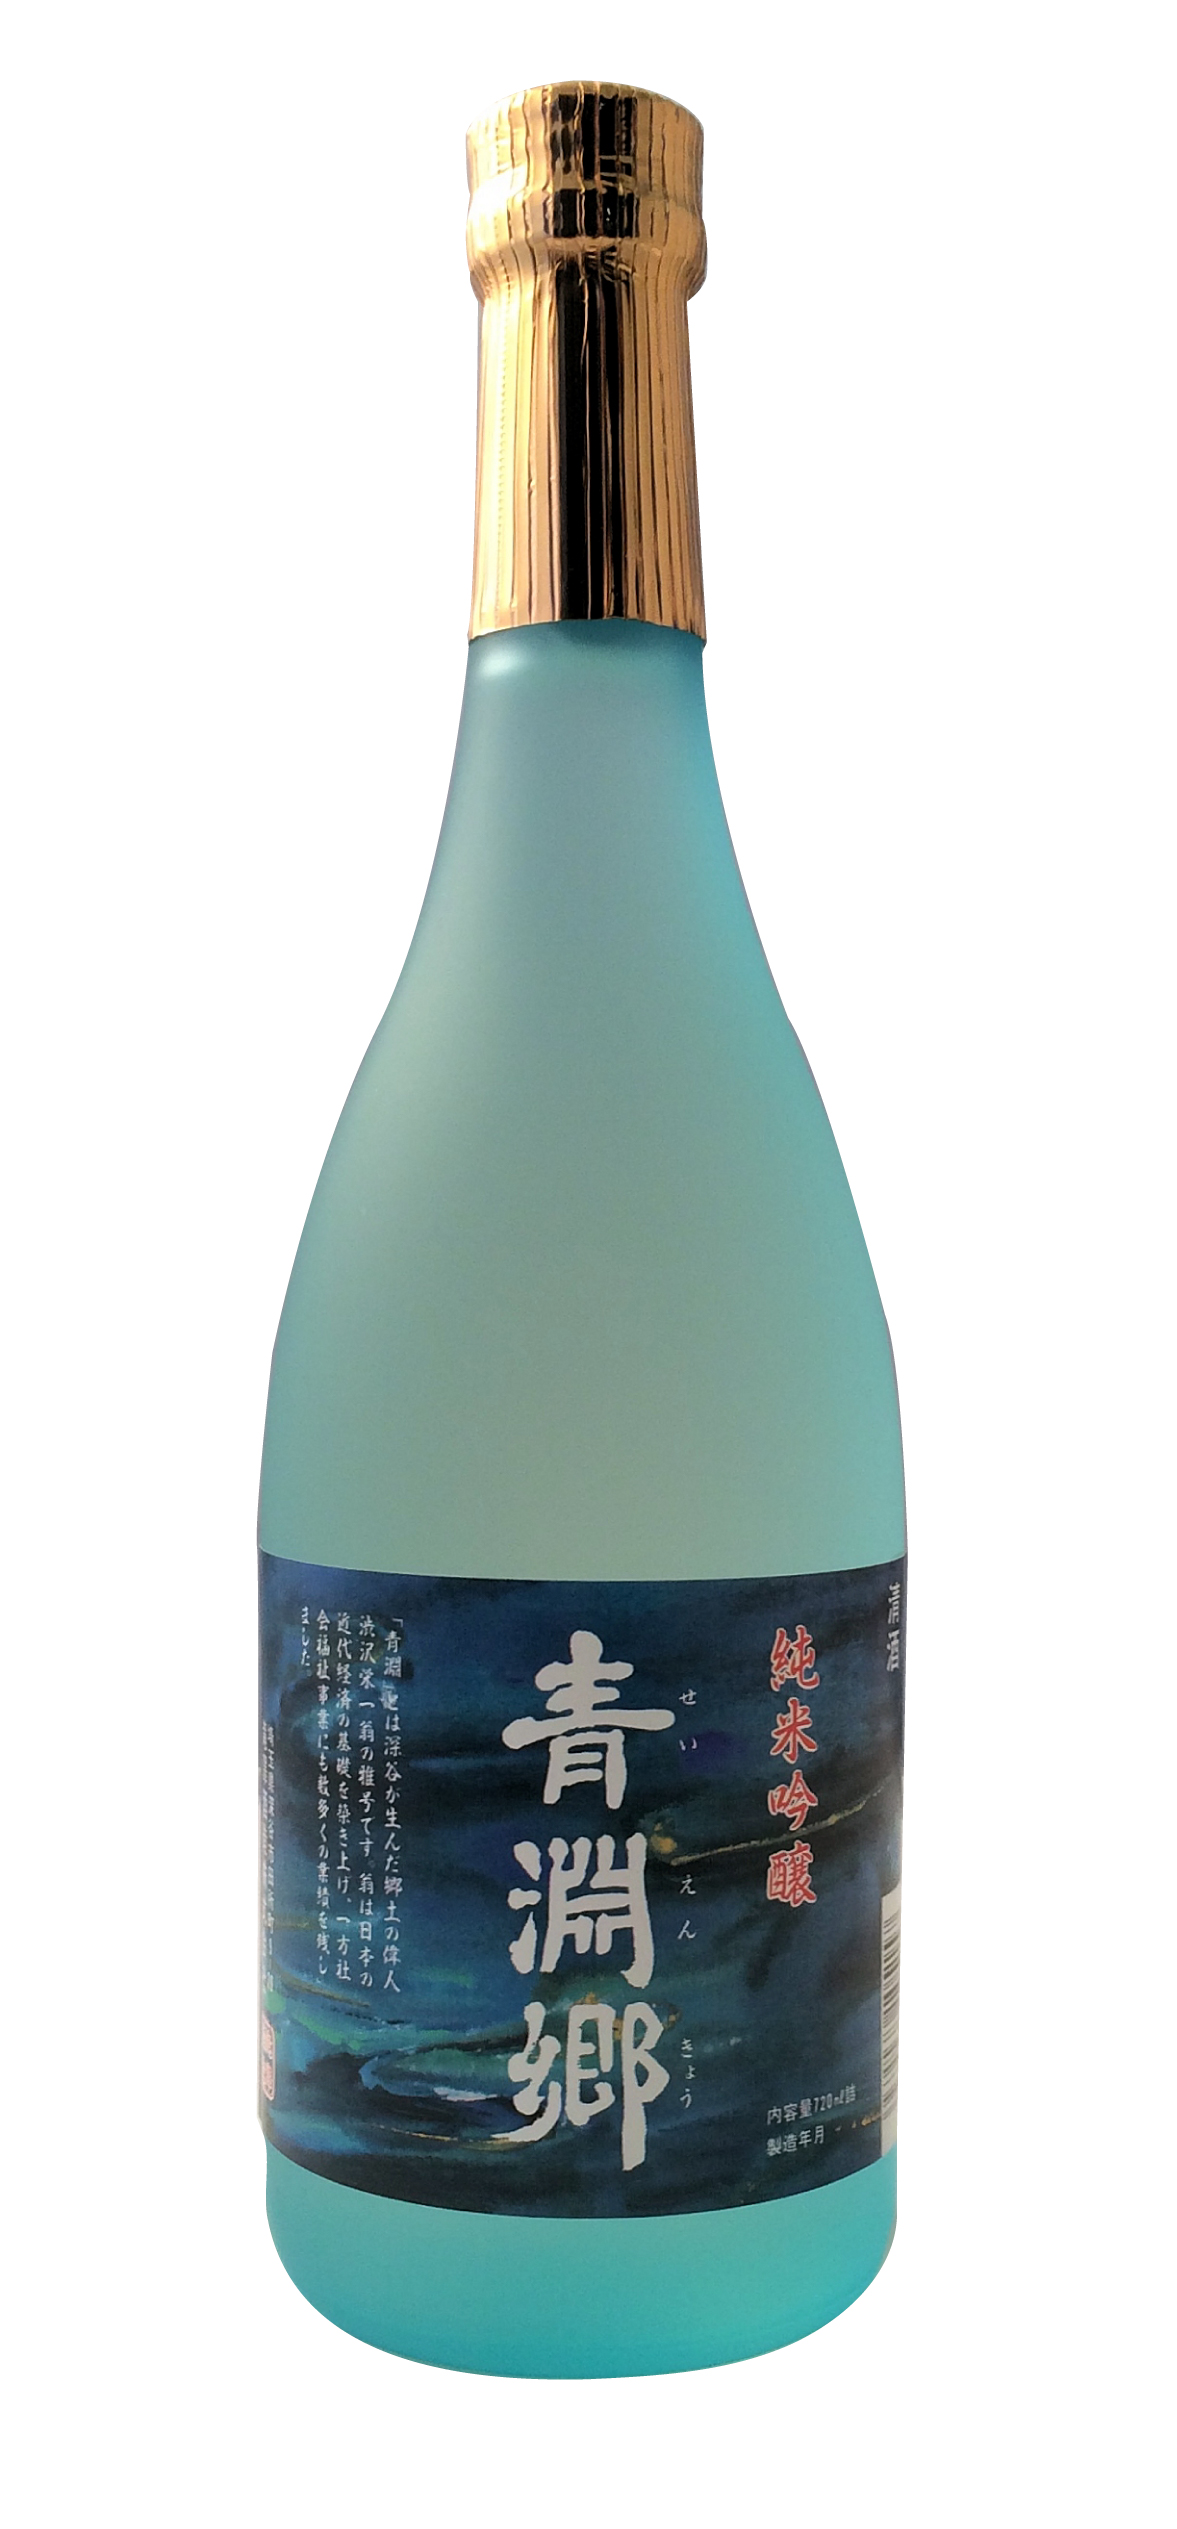 滝澤酒造(株)